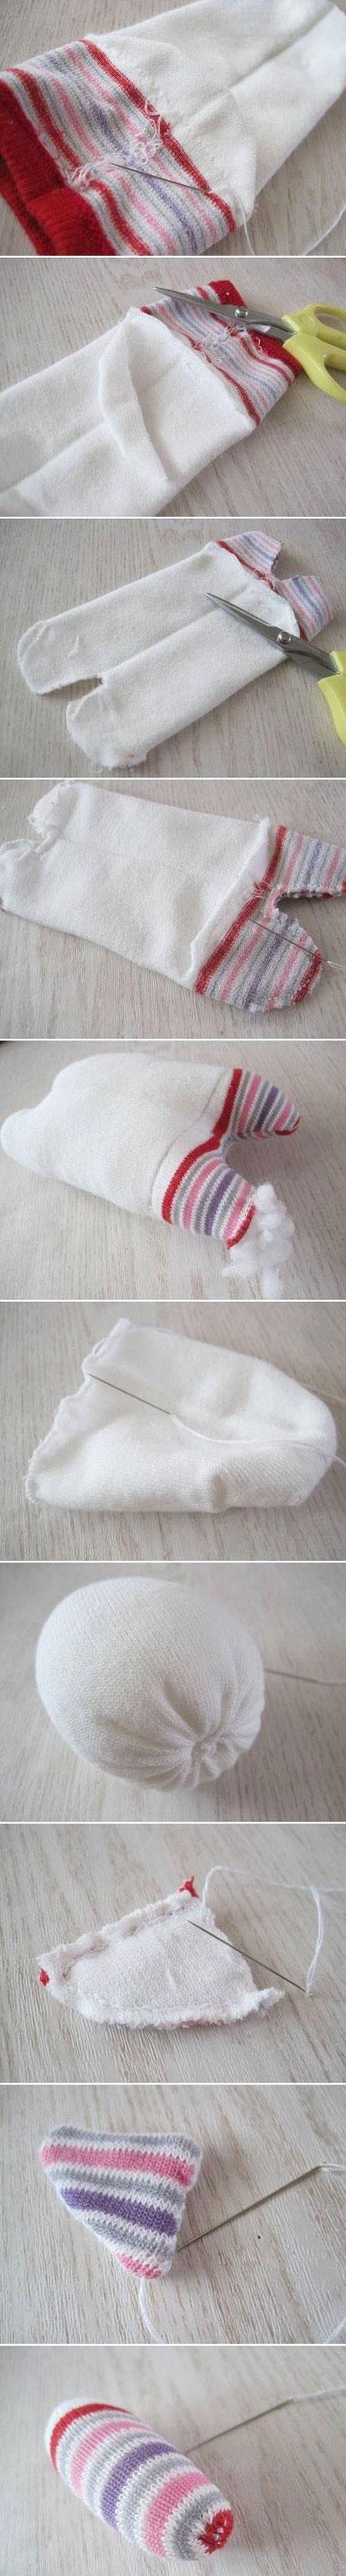 ساخت عروسک با جوراب, درست کردن عروسک سگ با جوراب